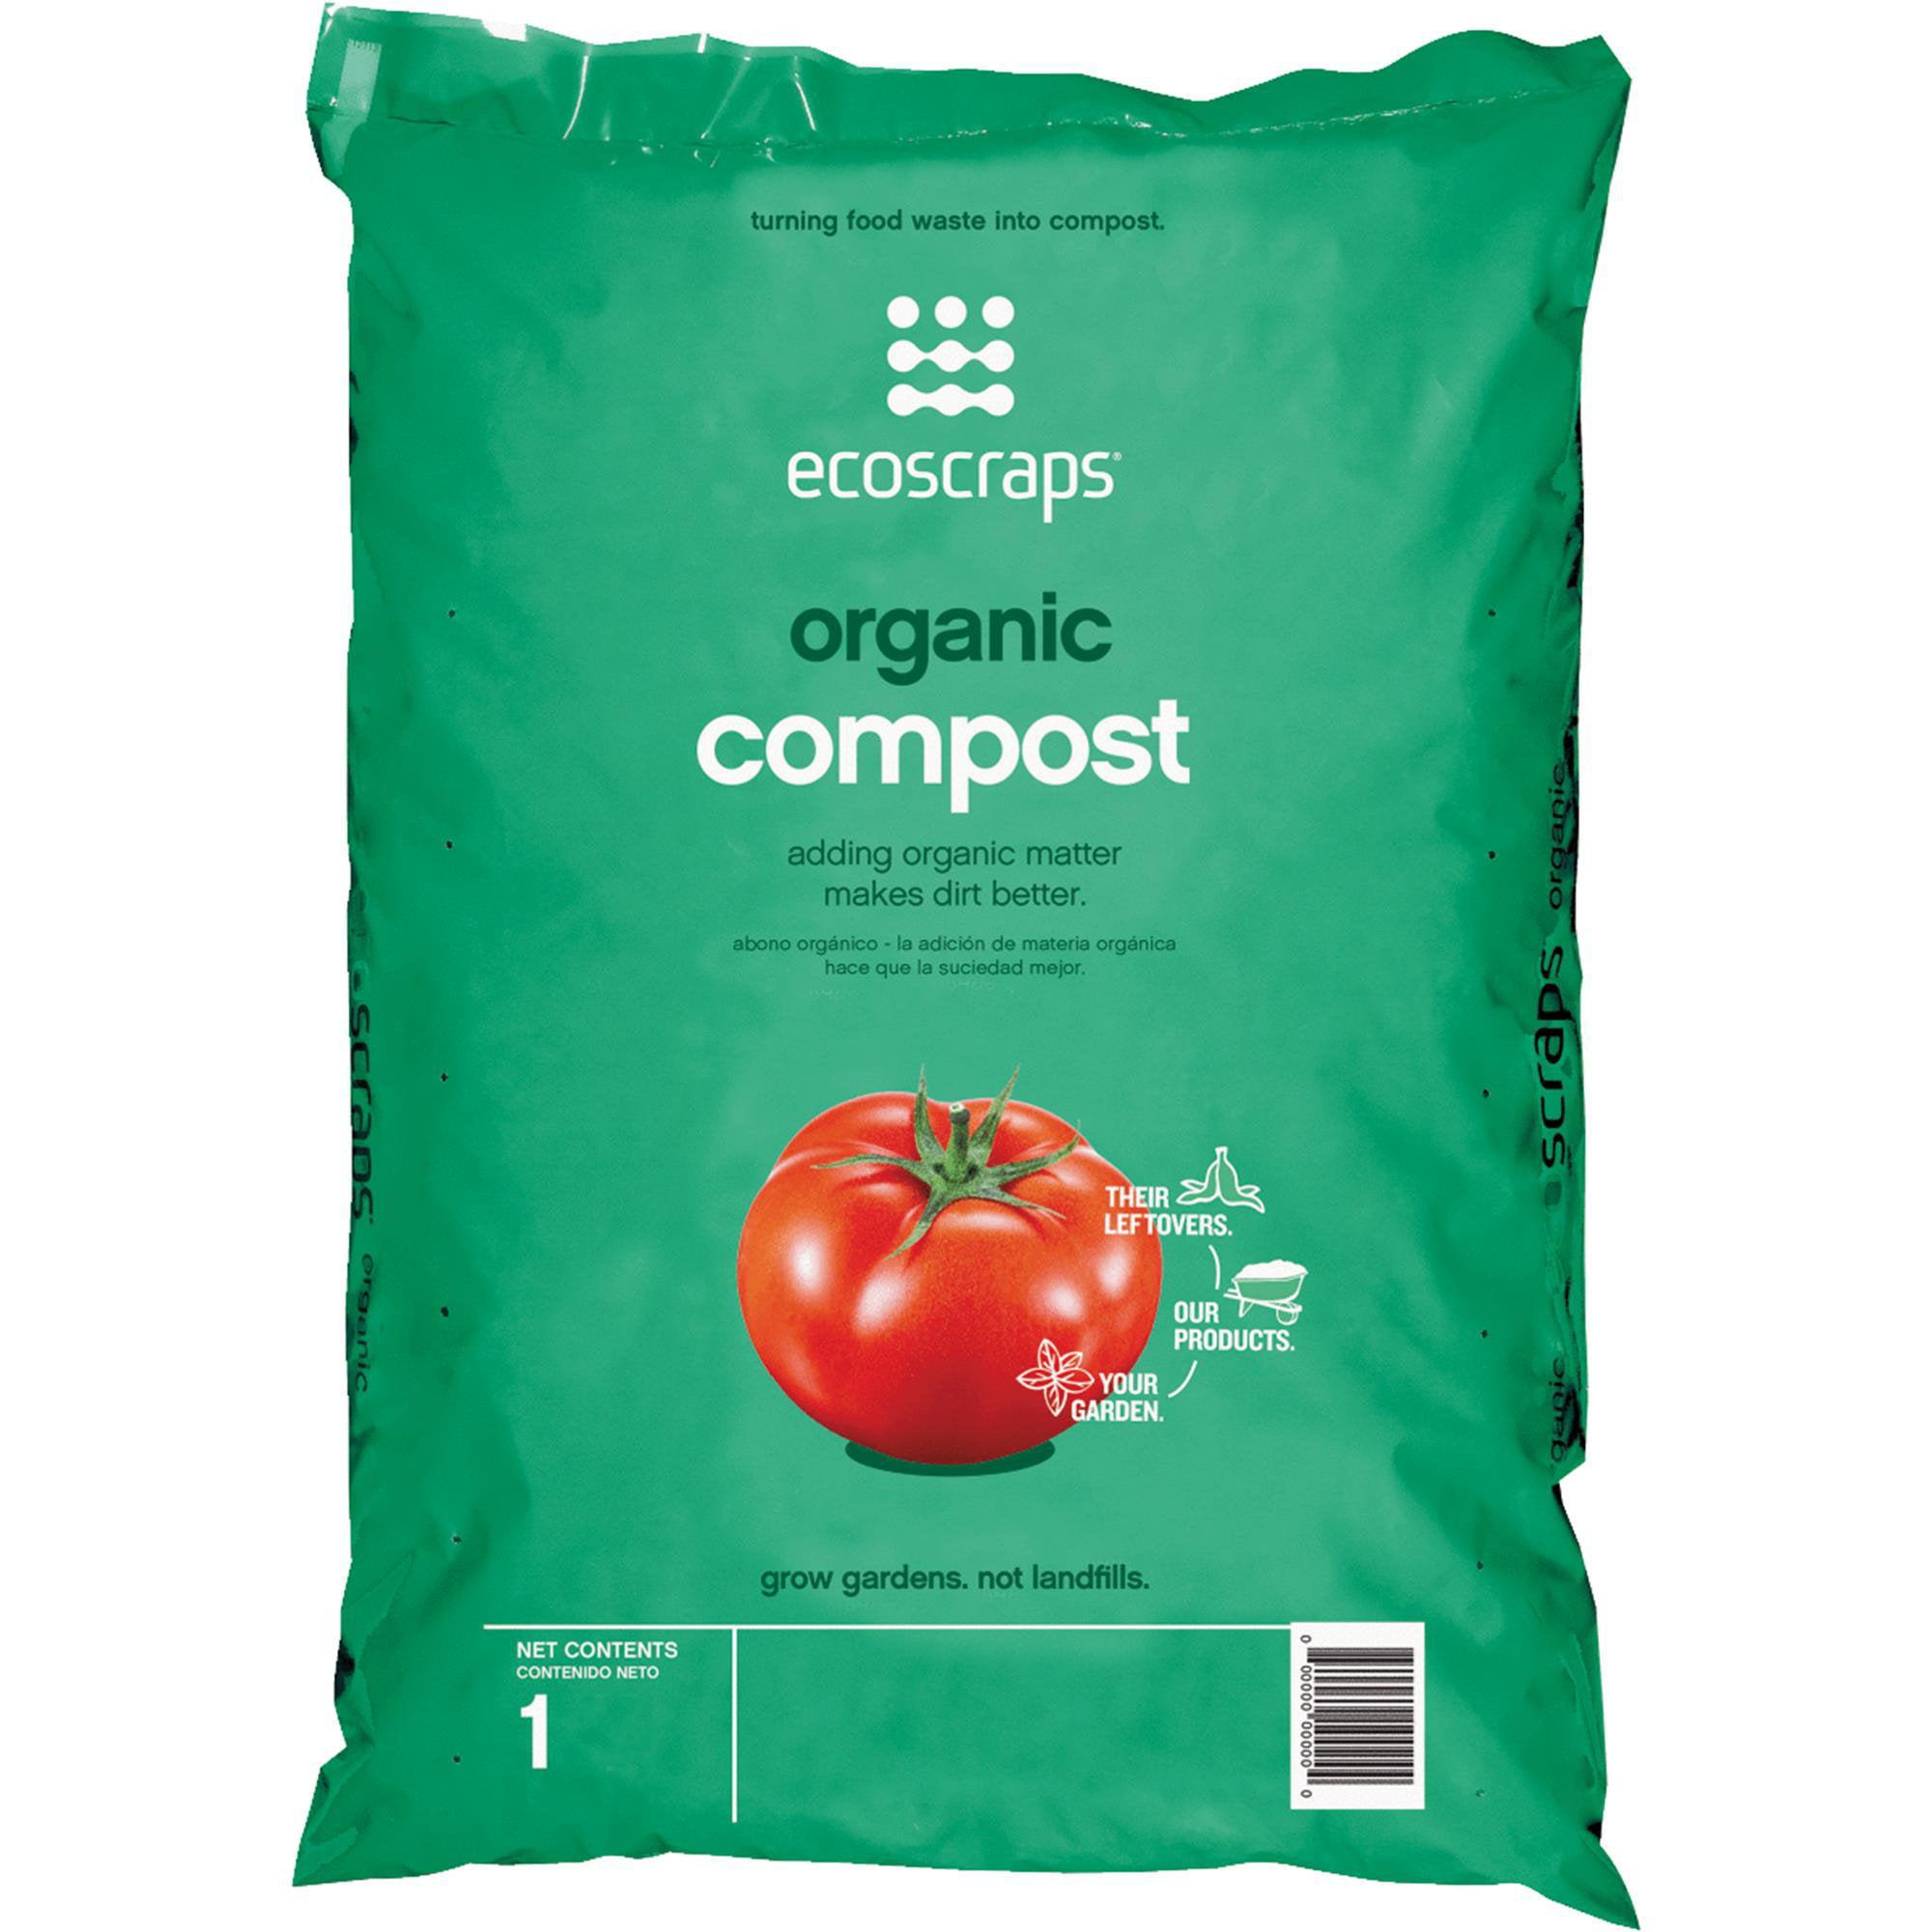 Ecoscraps Organic Compost 1 Cu Ft - Walmart.com